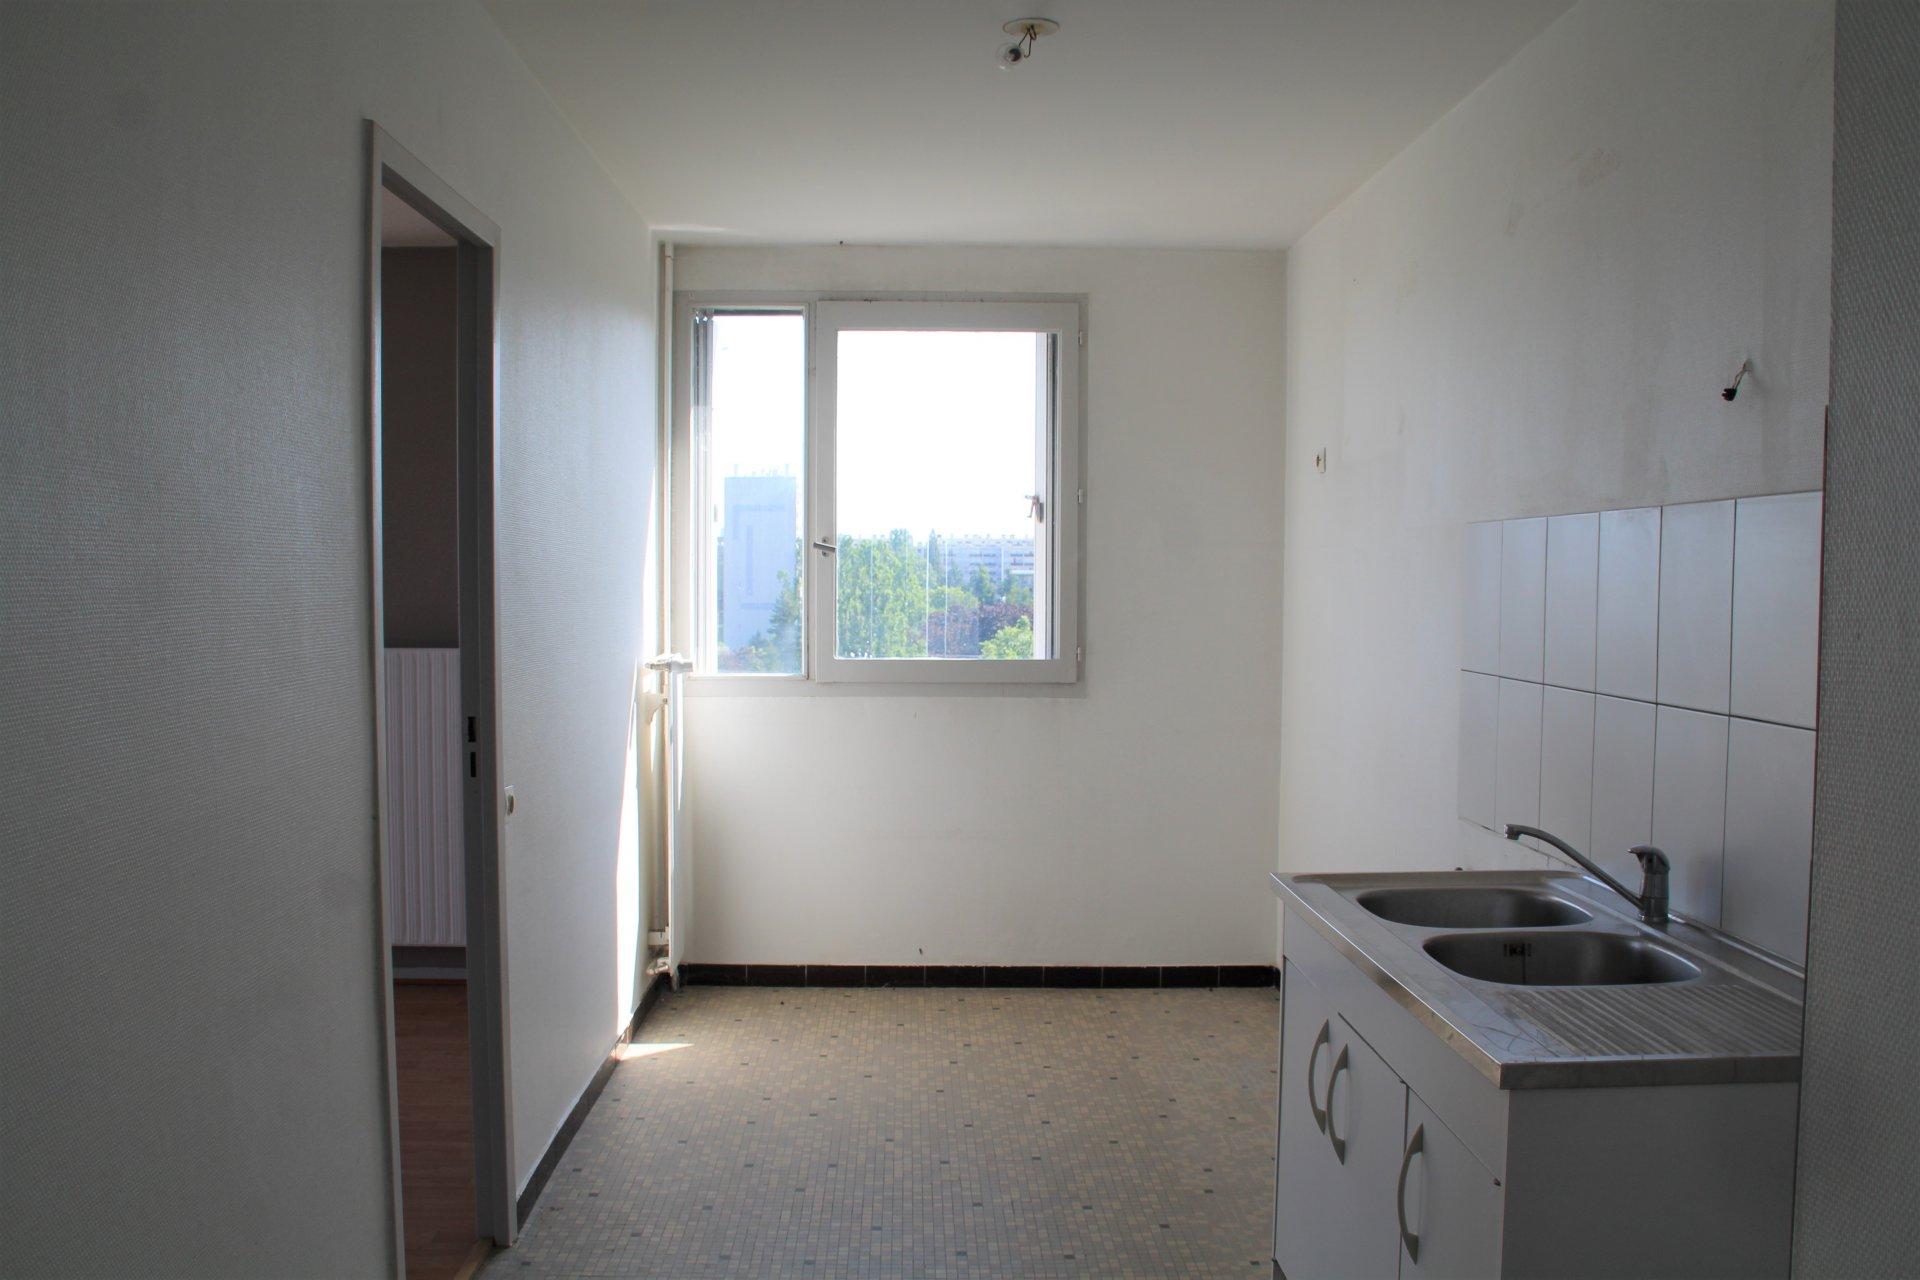 Appartement 4 pièces 78 m² Parc de l'Europe